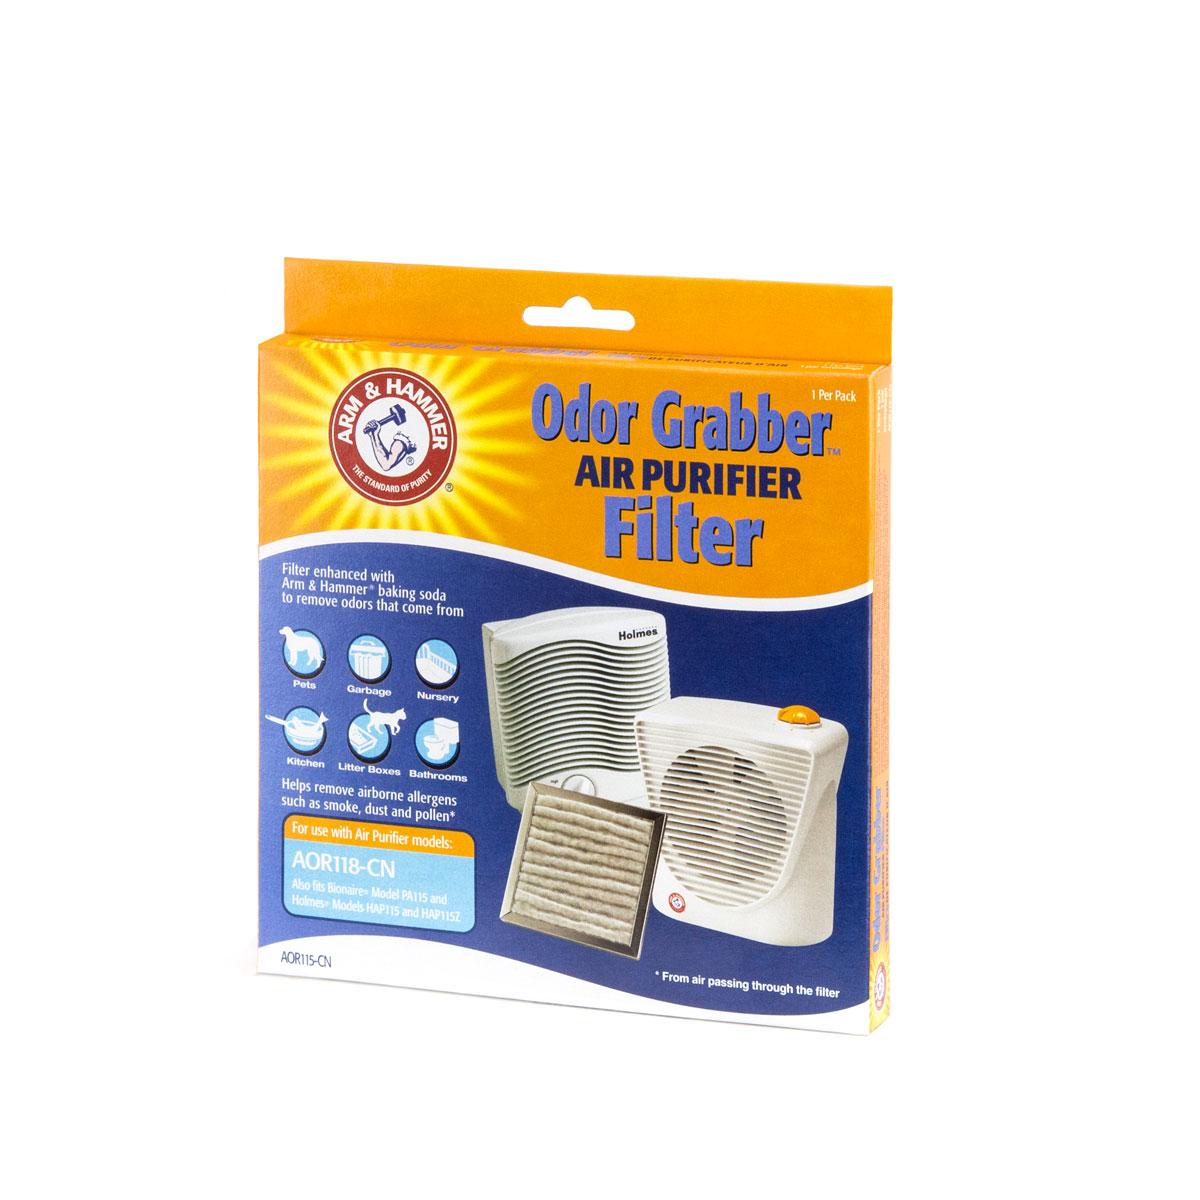 Odour Grabber Filter By Arm Amp Hammer Aor115pdq Cn